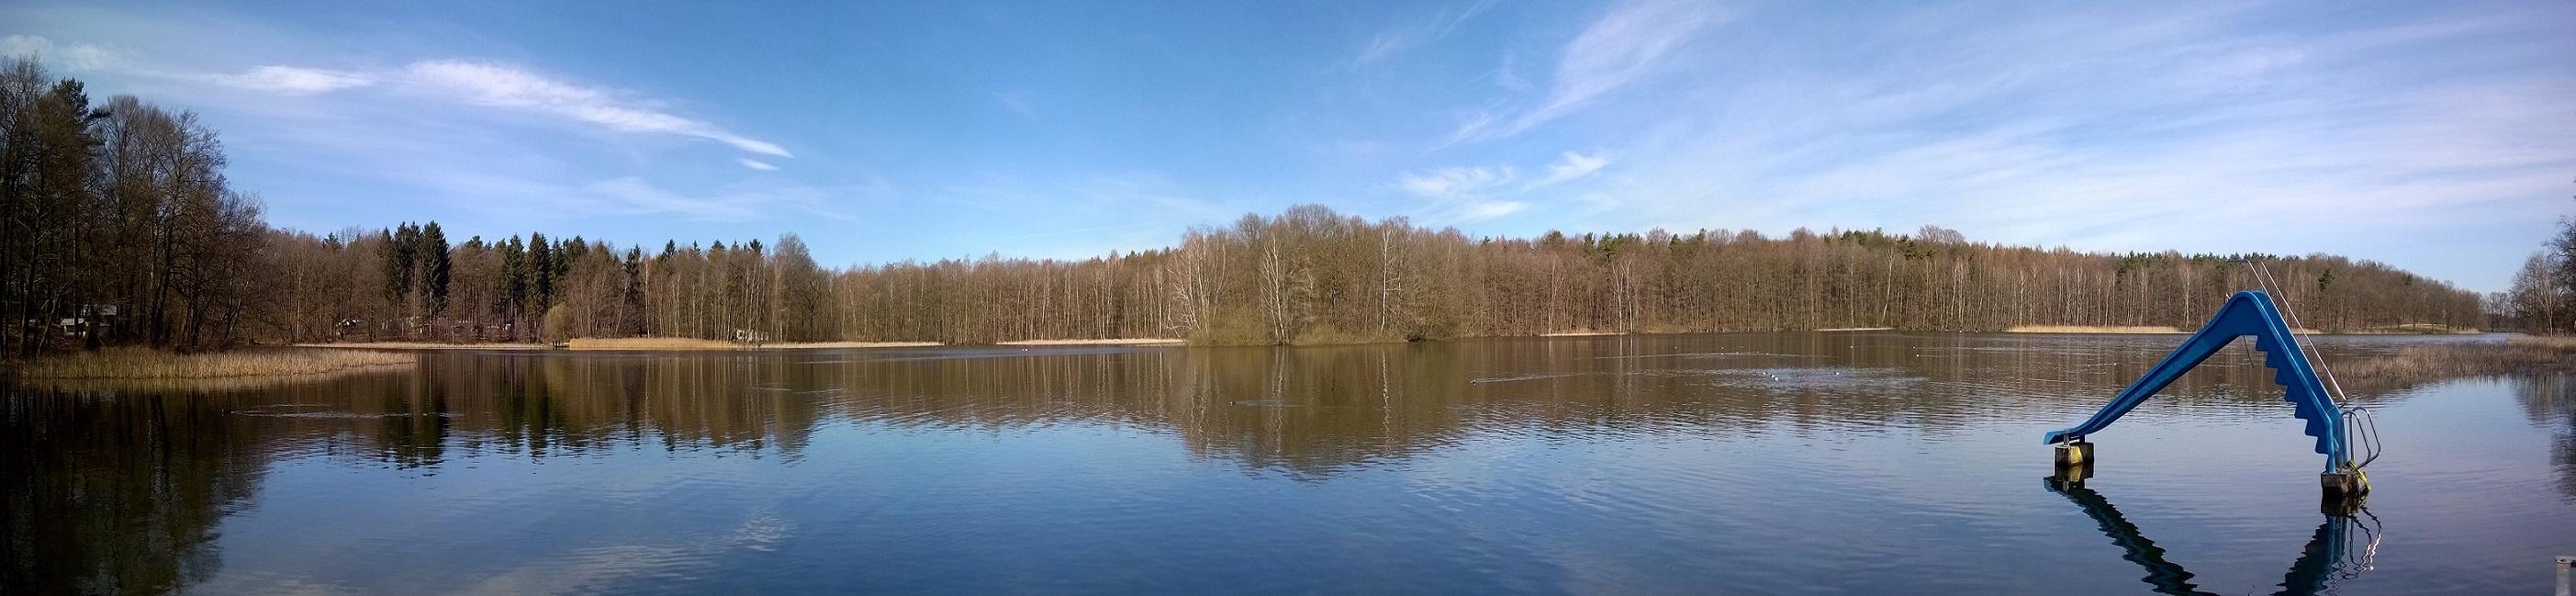 Jahresrückblick - Wasser im niederen Waldteich